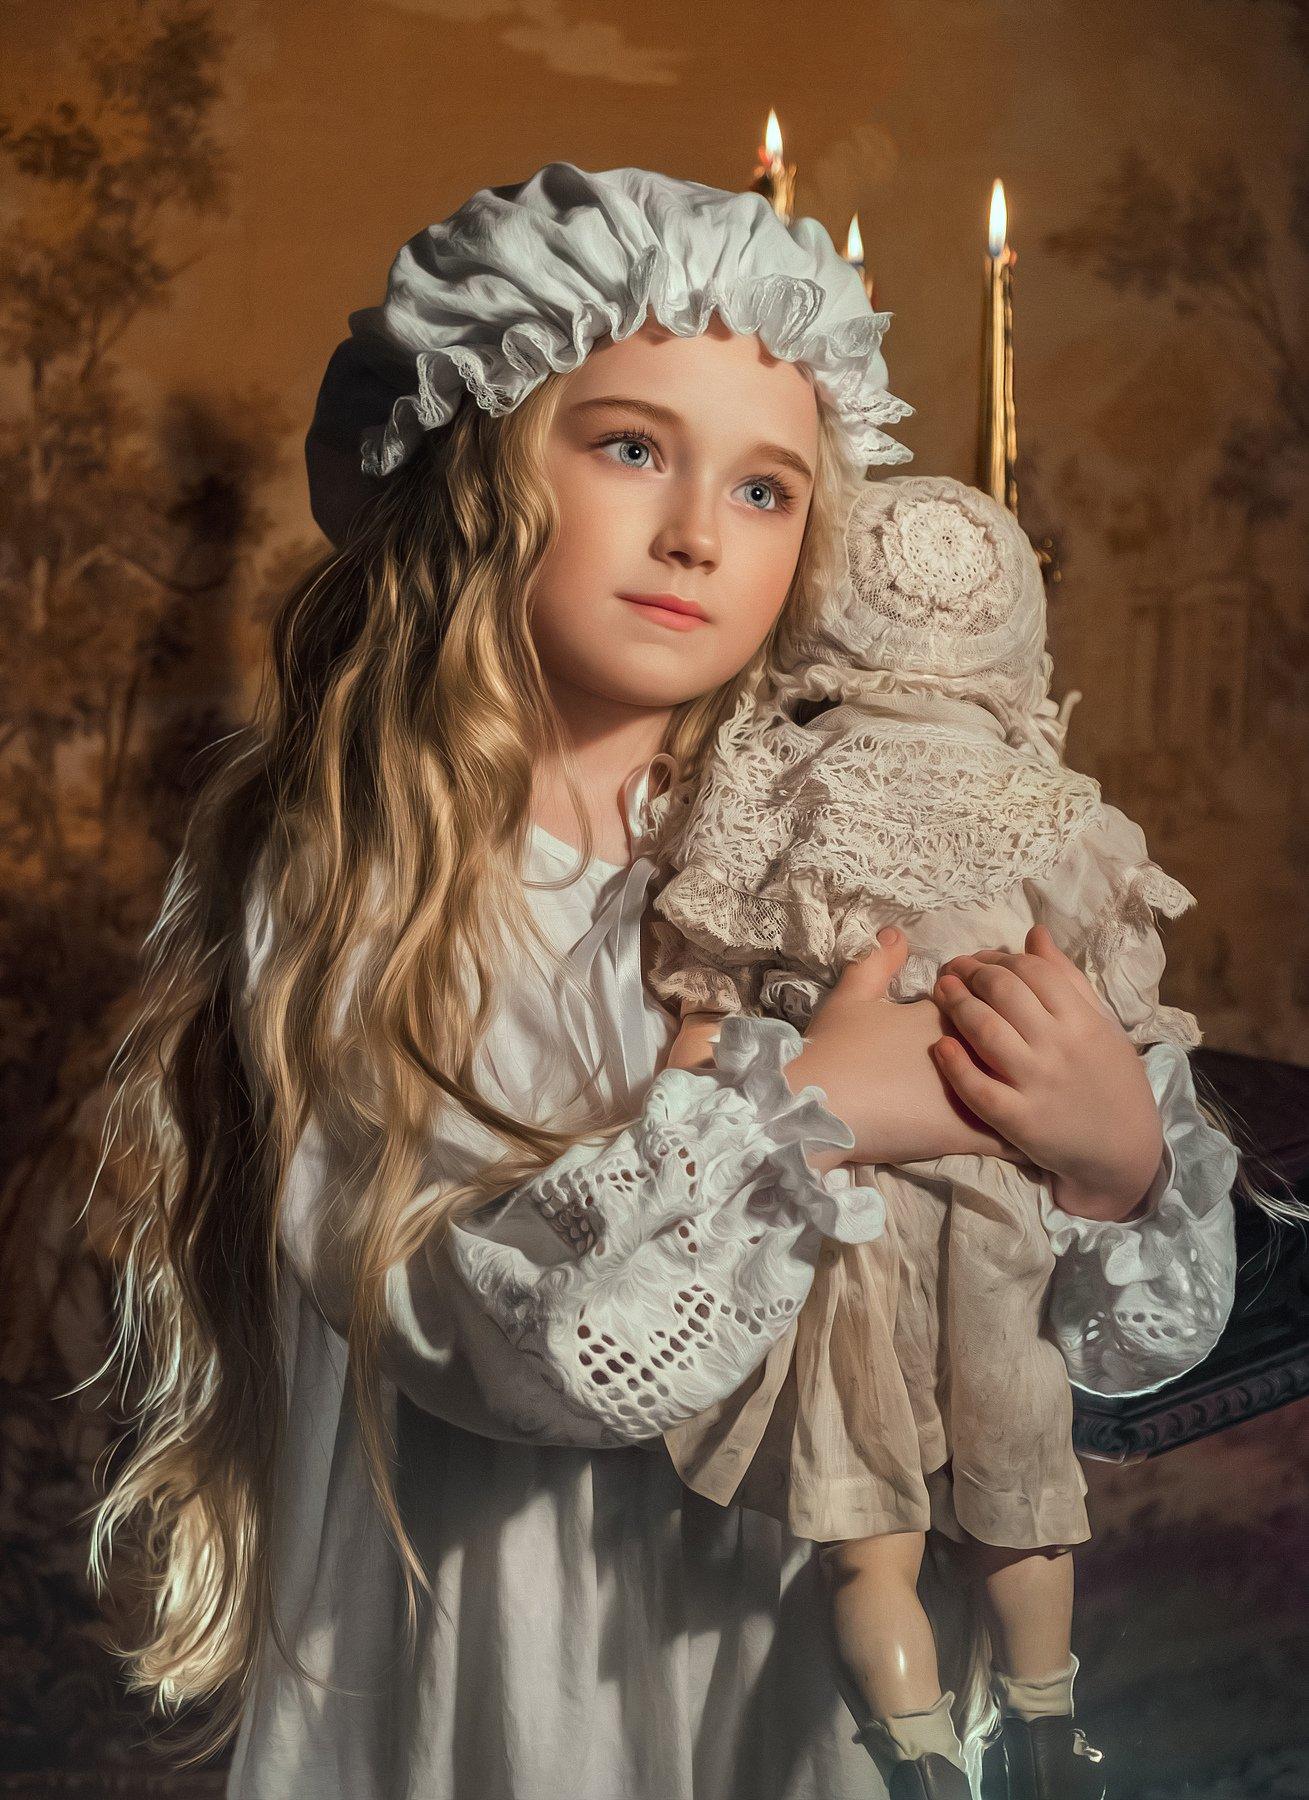 девочка с игрушкой кукла историческое платье 19 век ночнушка сказки на ночь, Софья Ознобихина